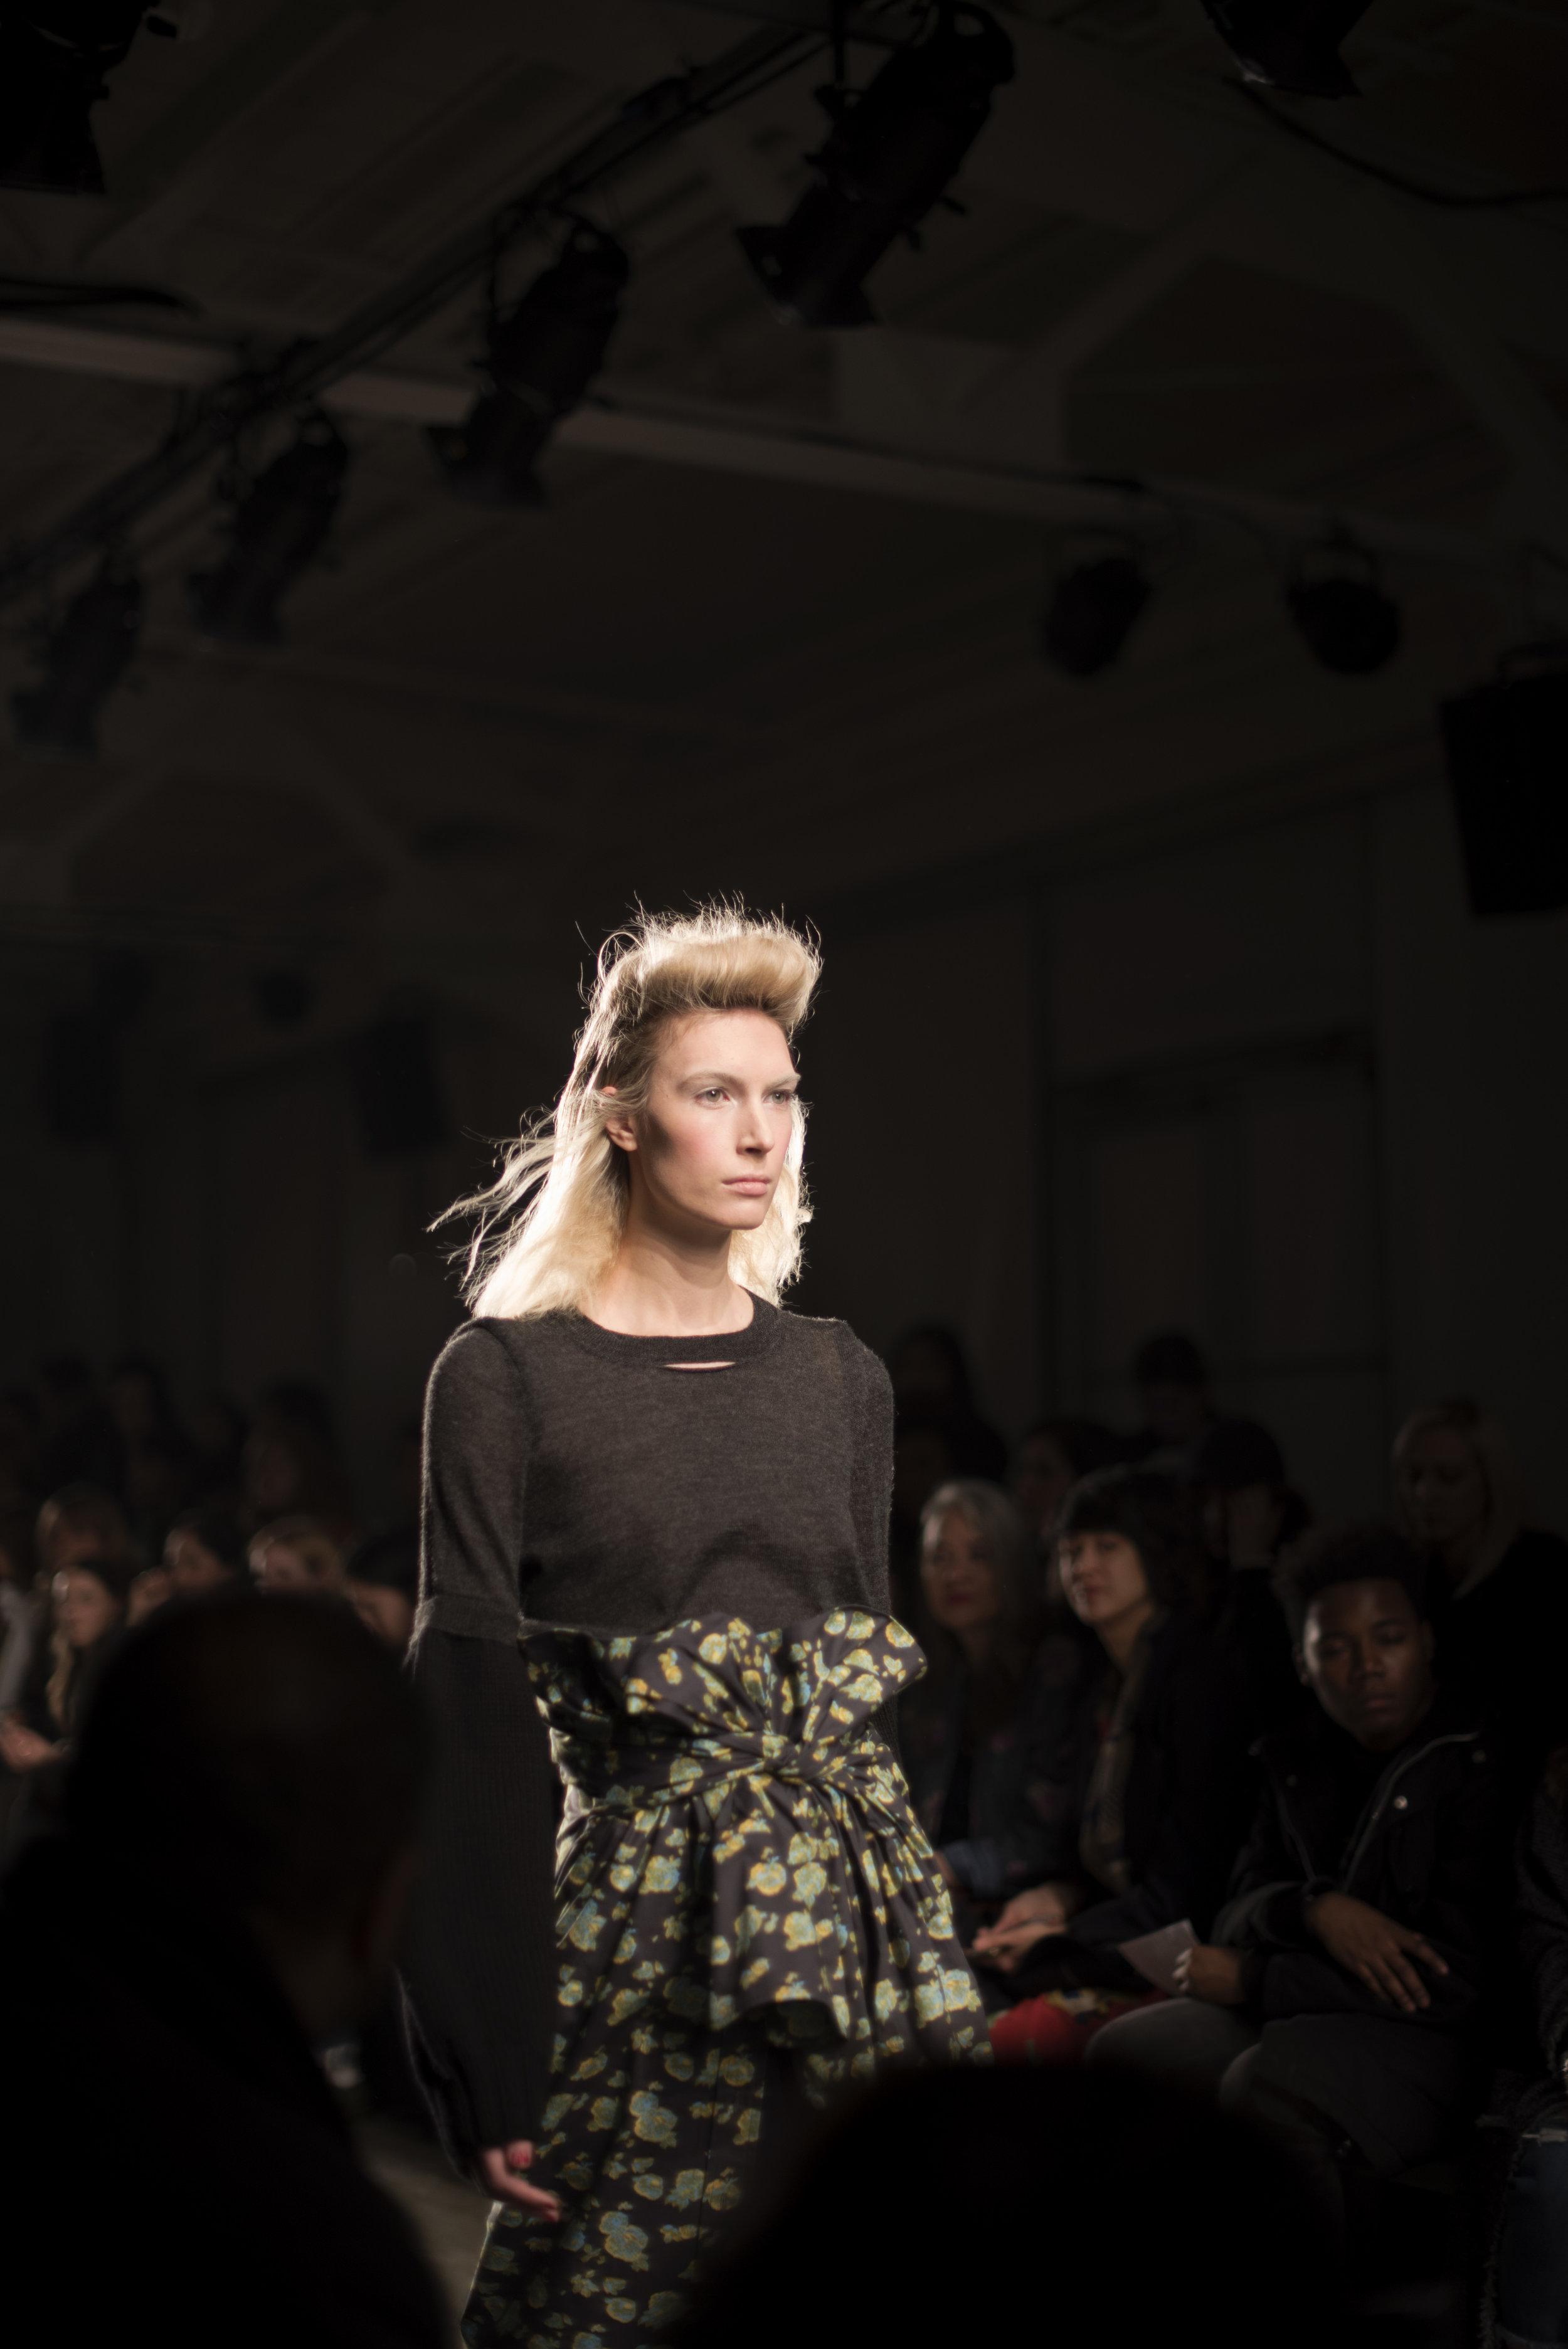 ROSE & IVY Journal A Detacher Backstage Beauty & Highlights